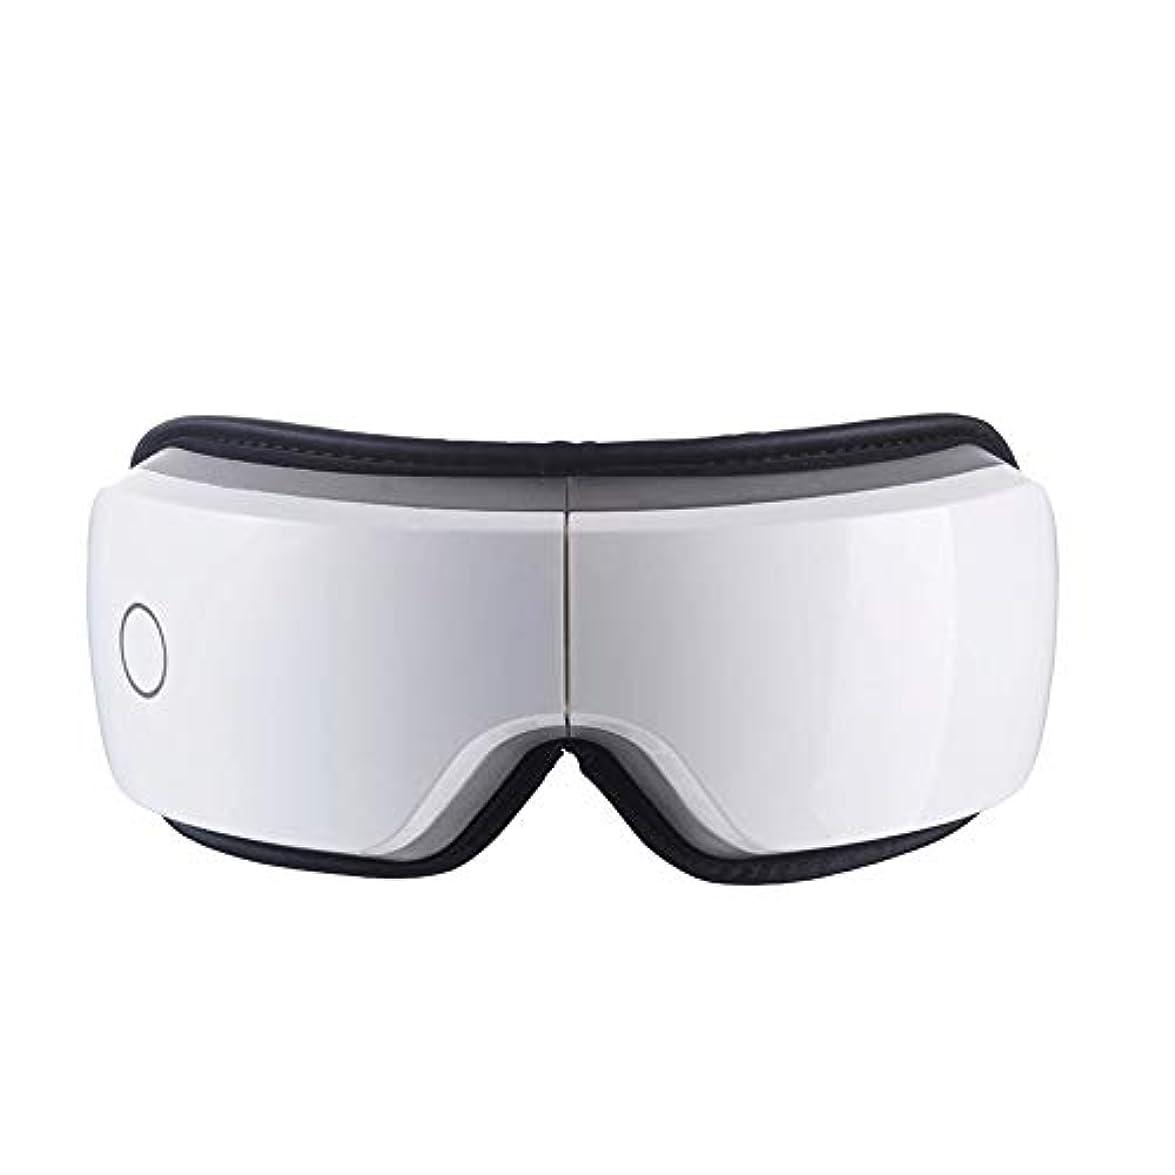 機械的にお風呂を持っているシェアJJYPY 電動アイマッサージャーマスク音楽頭痛ストレスリリーフ3つのモード空気圧、振動マッサージでリラックスするための折り畳み式マシン